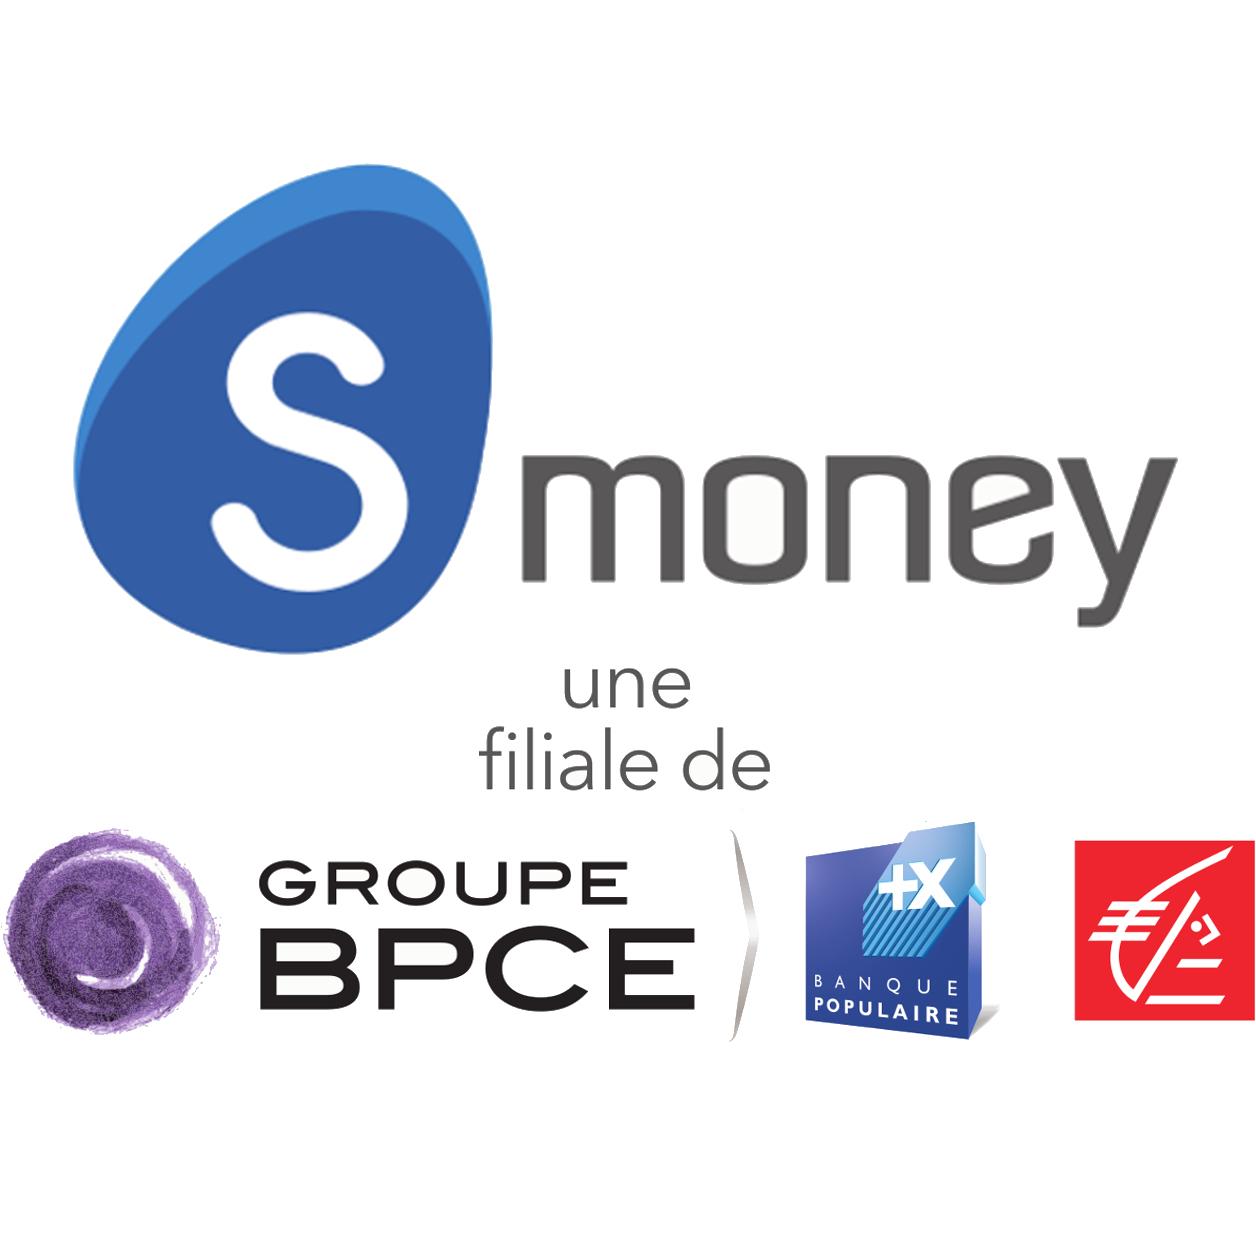 Bandeau s money versionfinale 9a49d10c